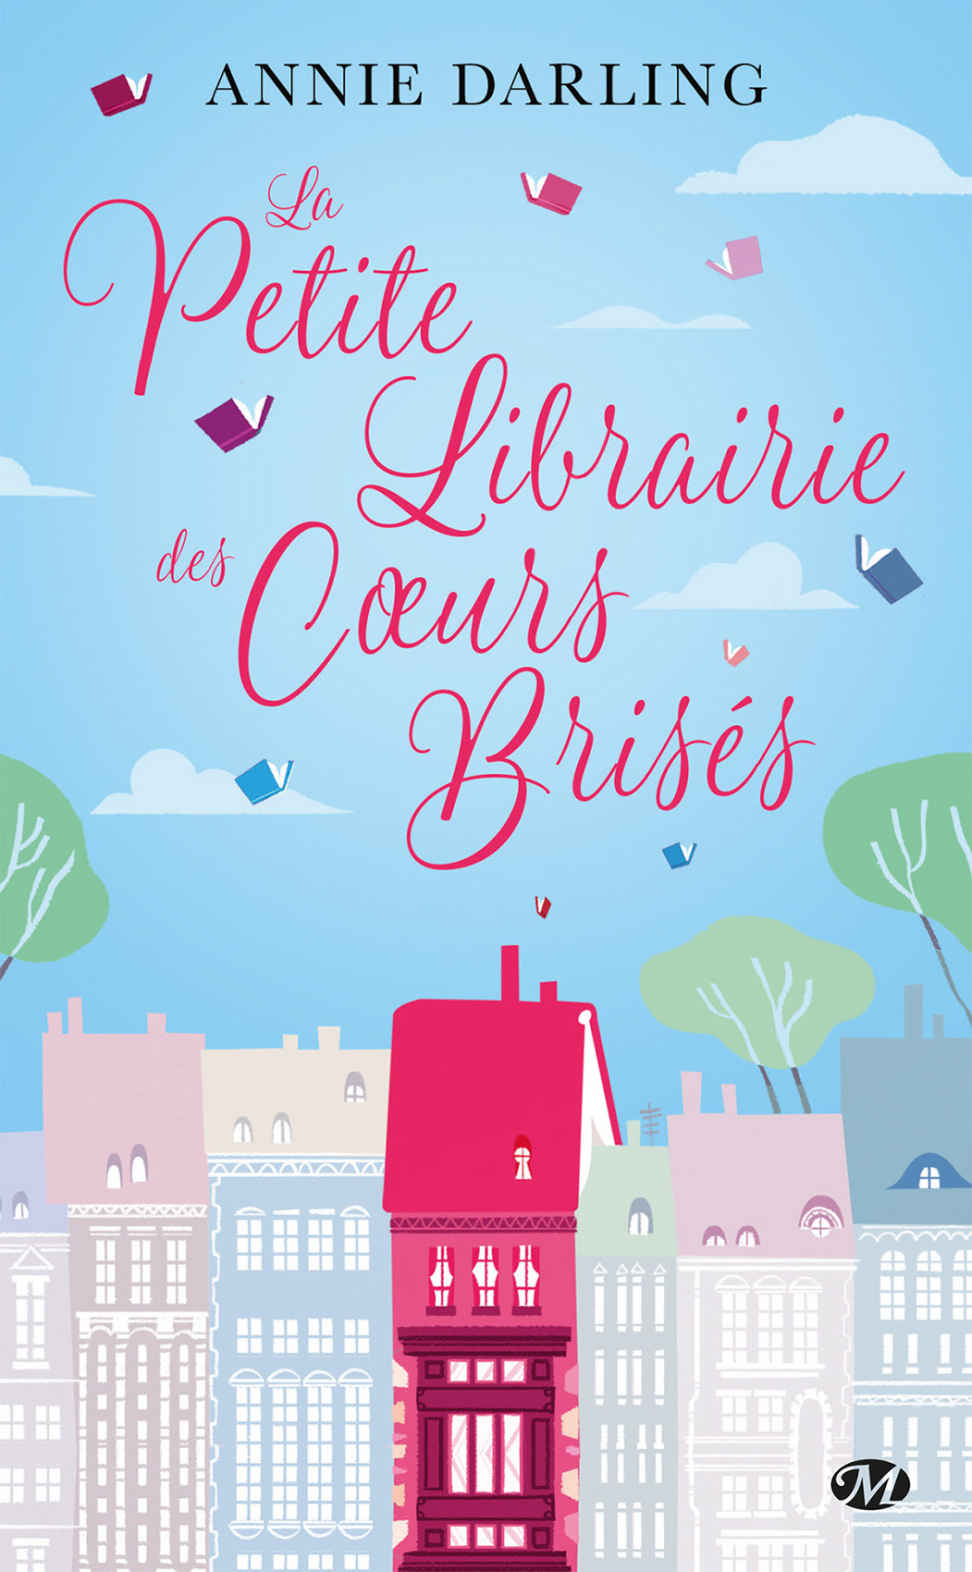 DARLING Annie - La Petite Librairie des Coeurs Brisés 14497610